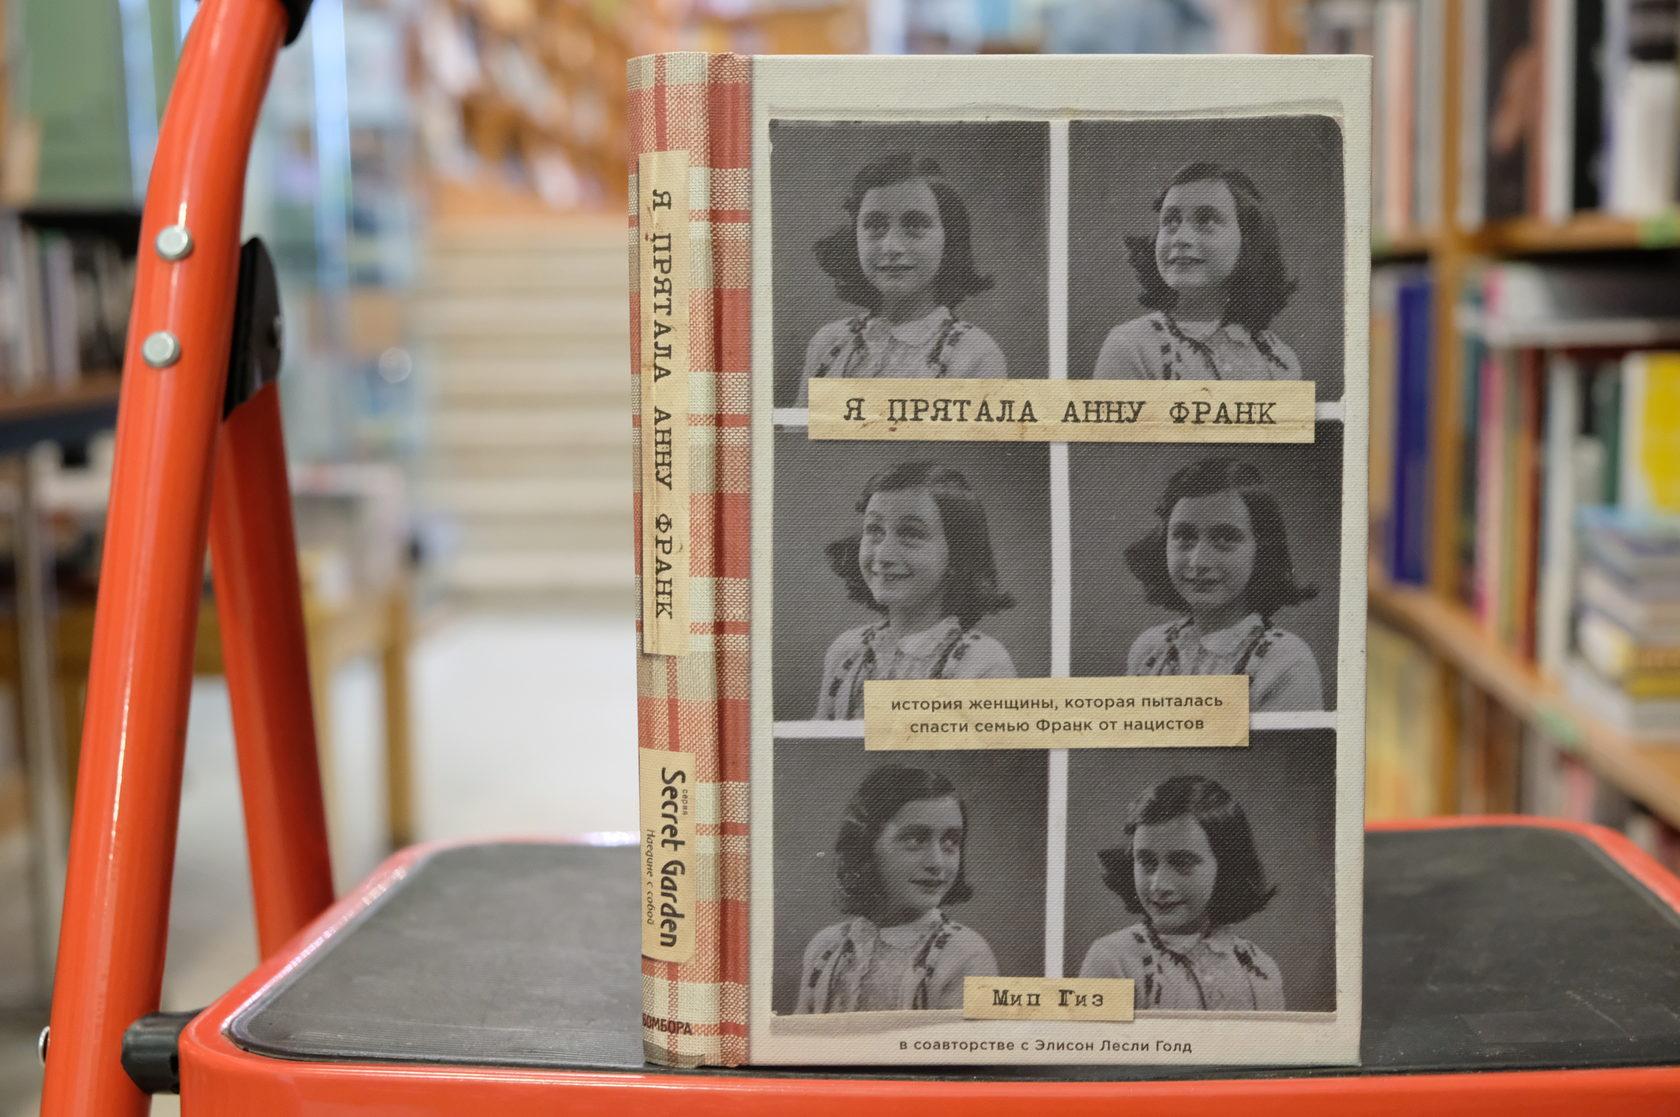 «Я прятала Анну Франк. История женщины, которая пыталась спасти семью Франк от нацистов» 978-5-04-094431-6